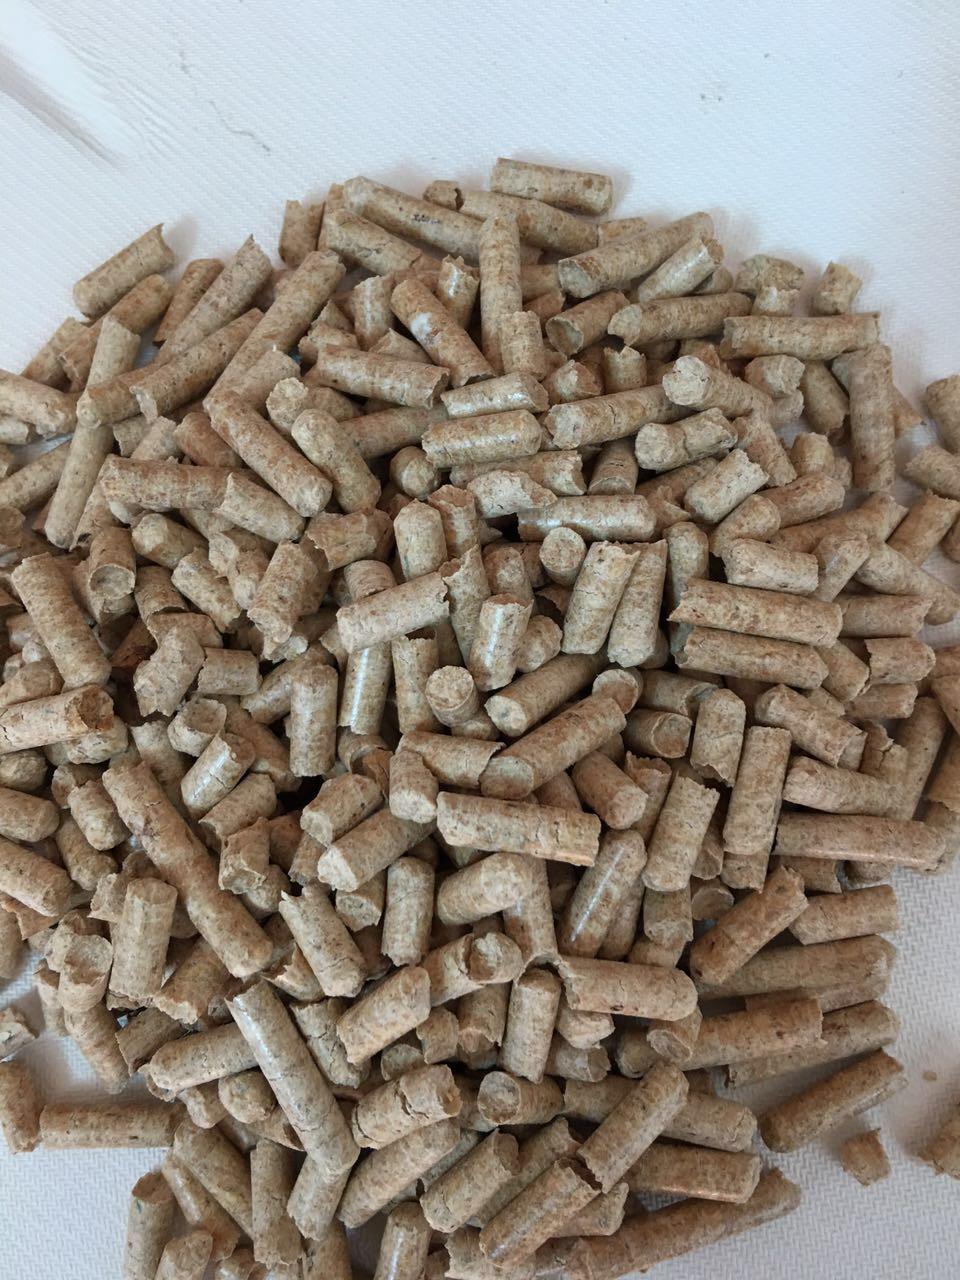 acasia granul s de bois bois briquettes granul s de balles de riz grain de bois id de. Black Bedroom Furniture Sets. Home Design Ideas